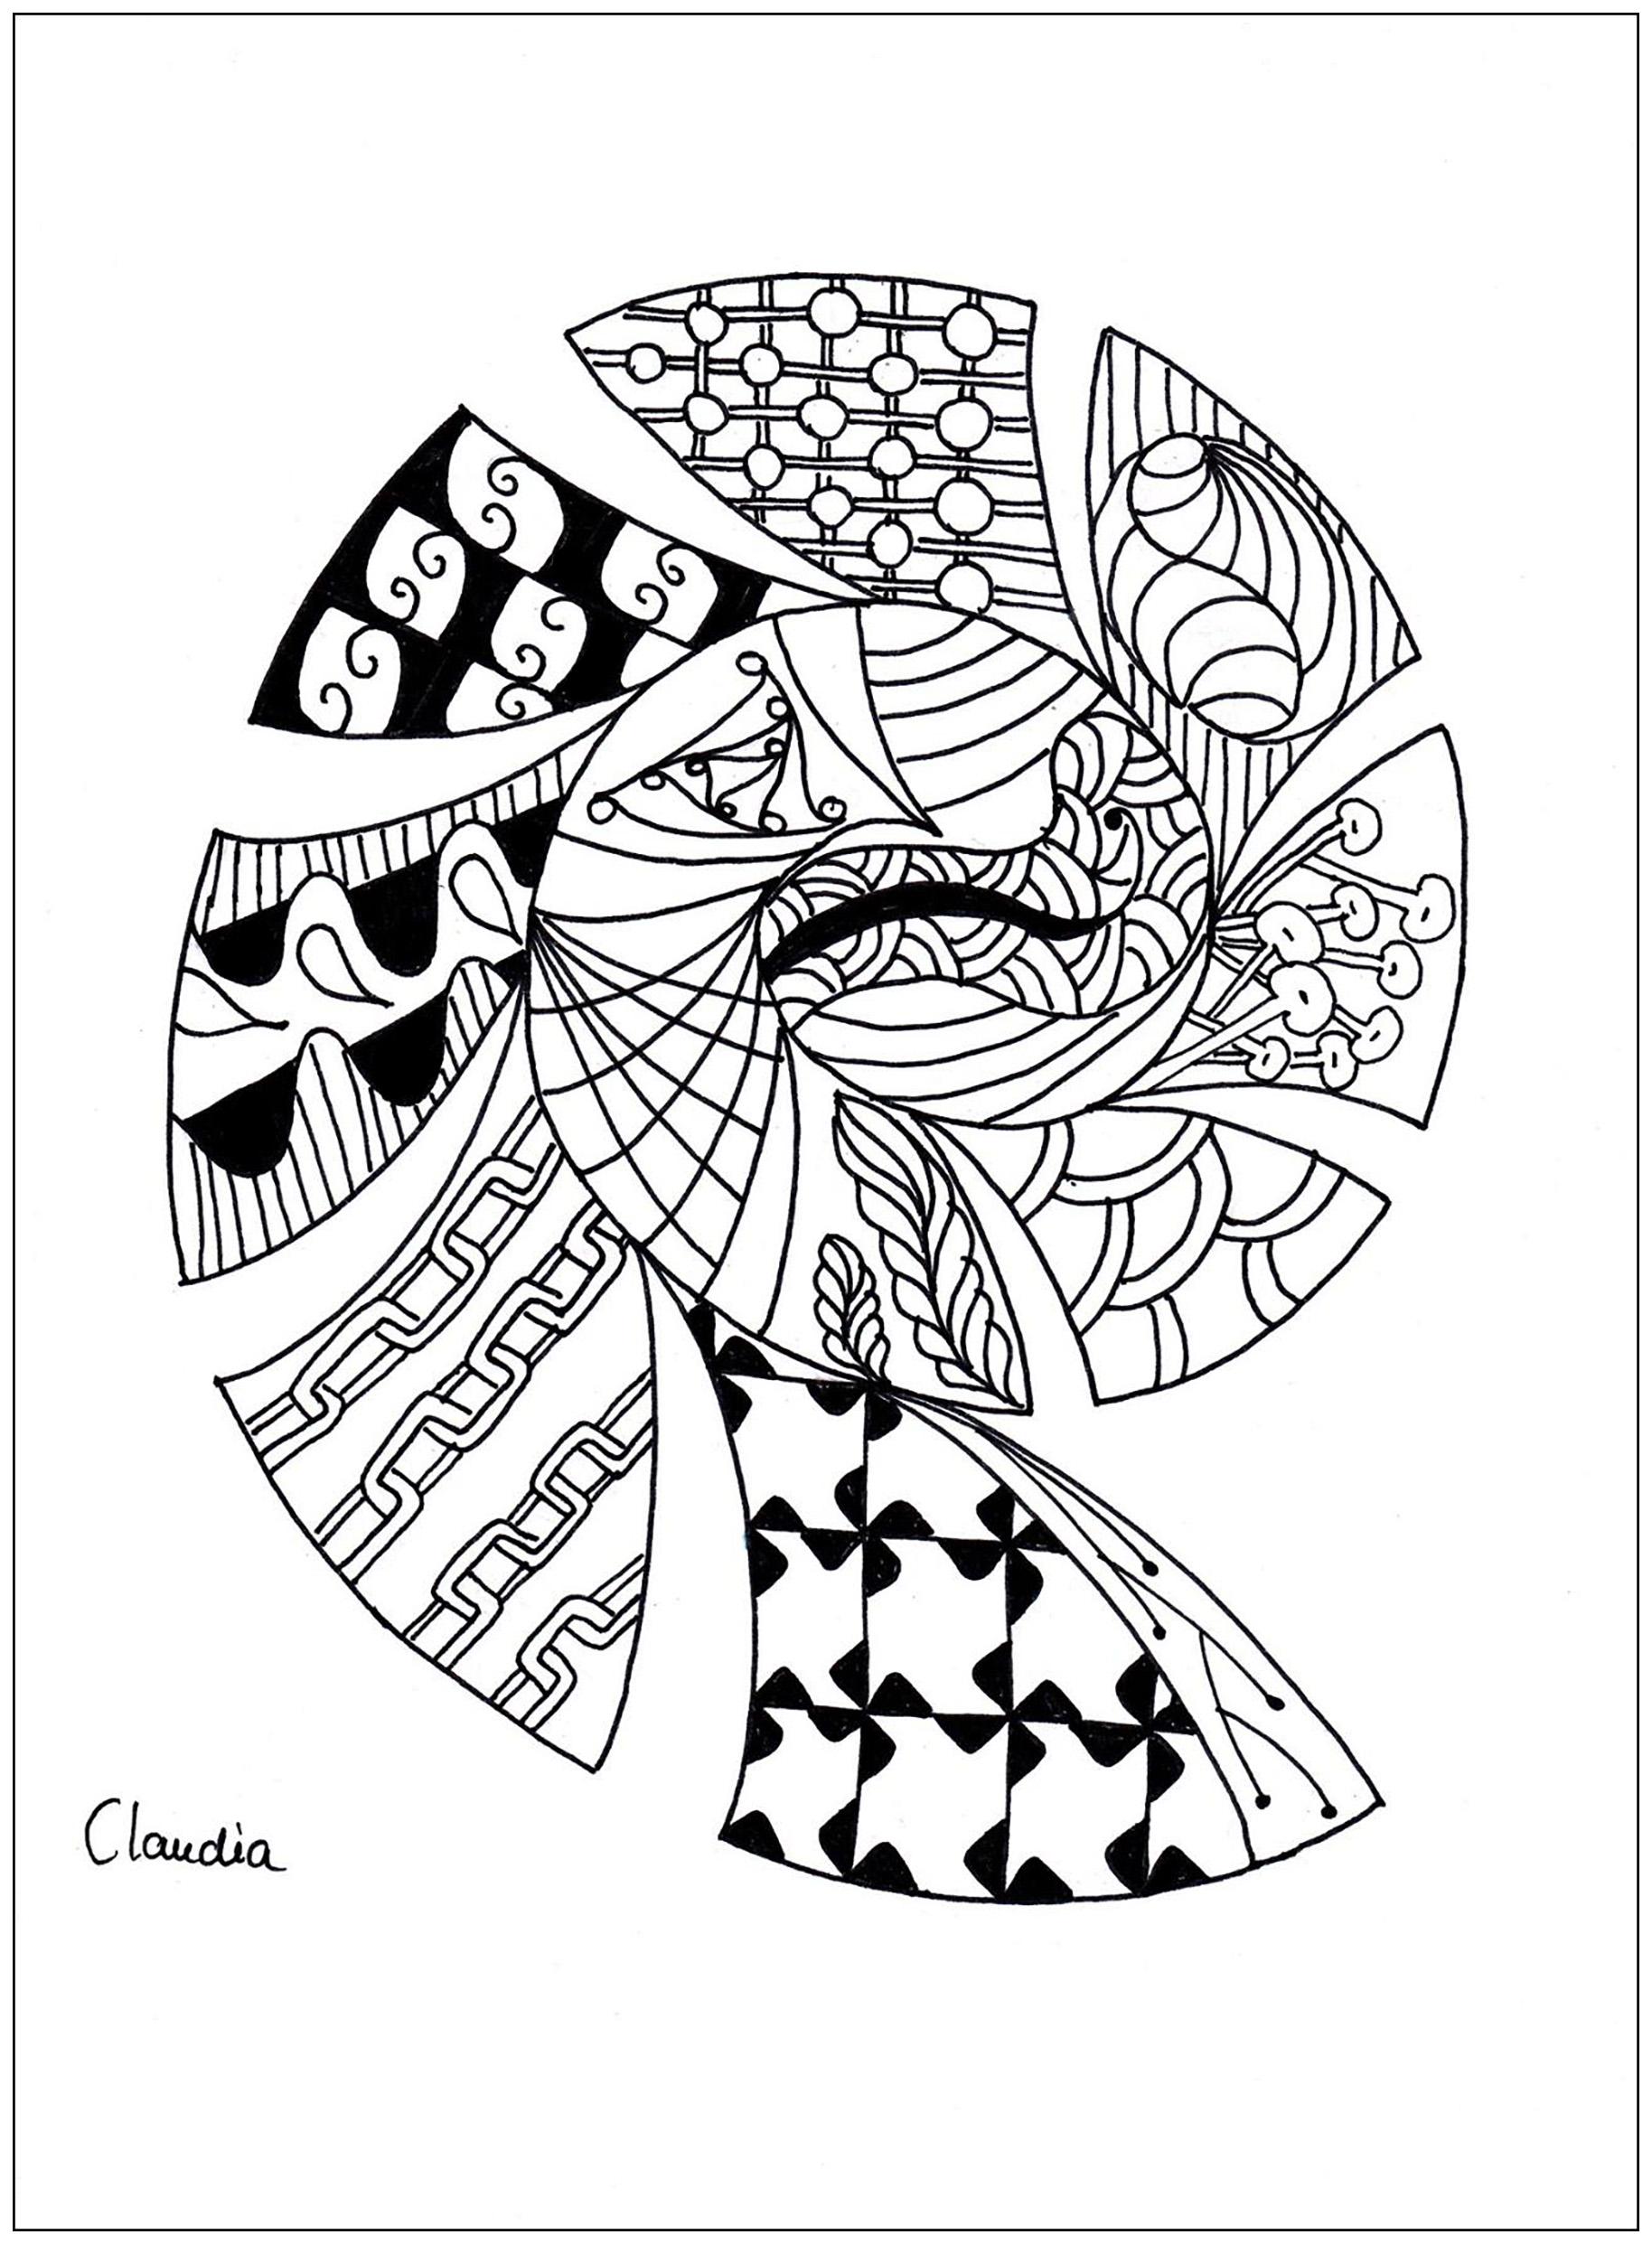 Disegni da colorare per adulti : Zentangle - 42